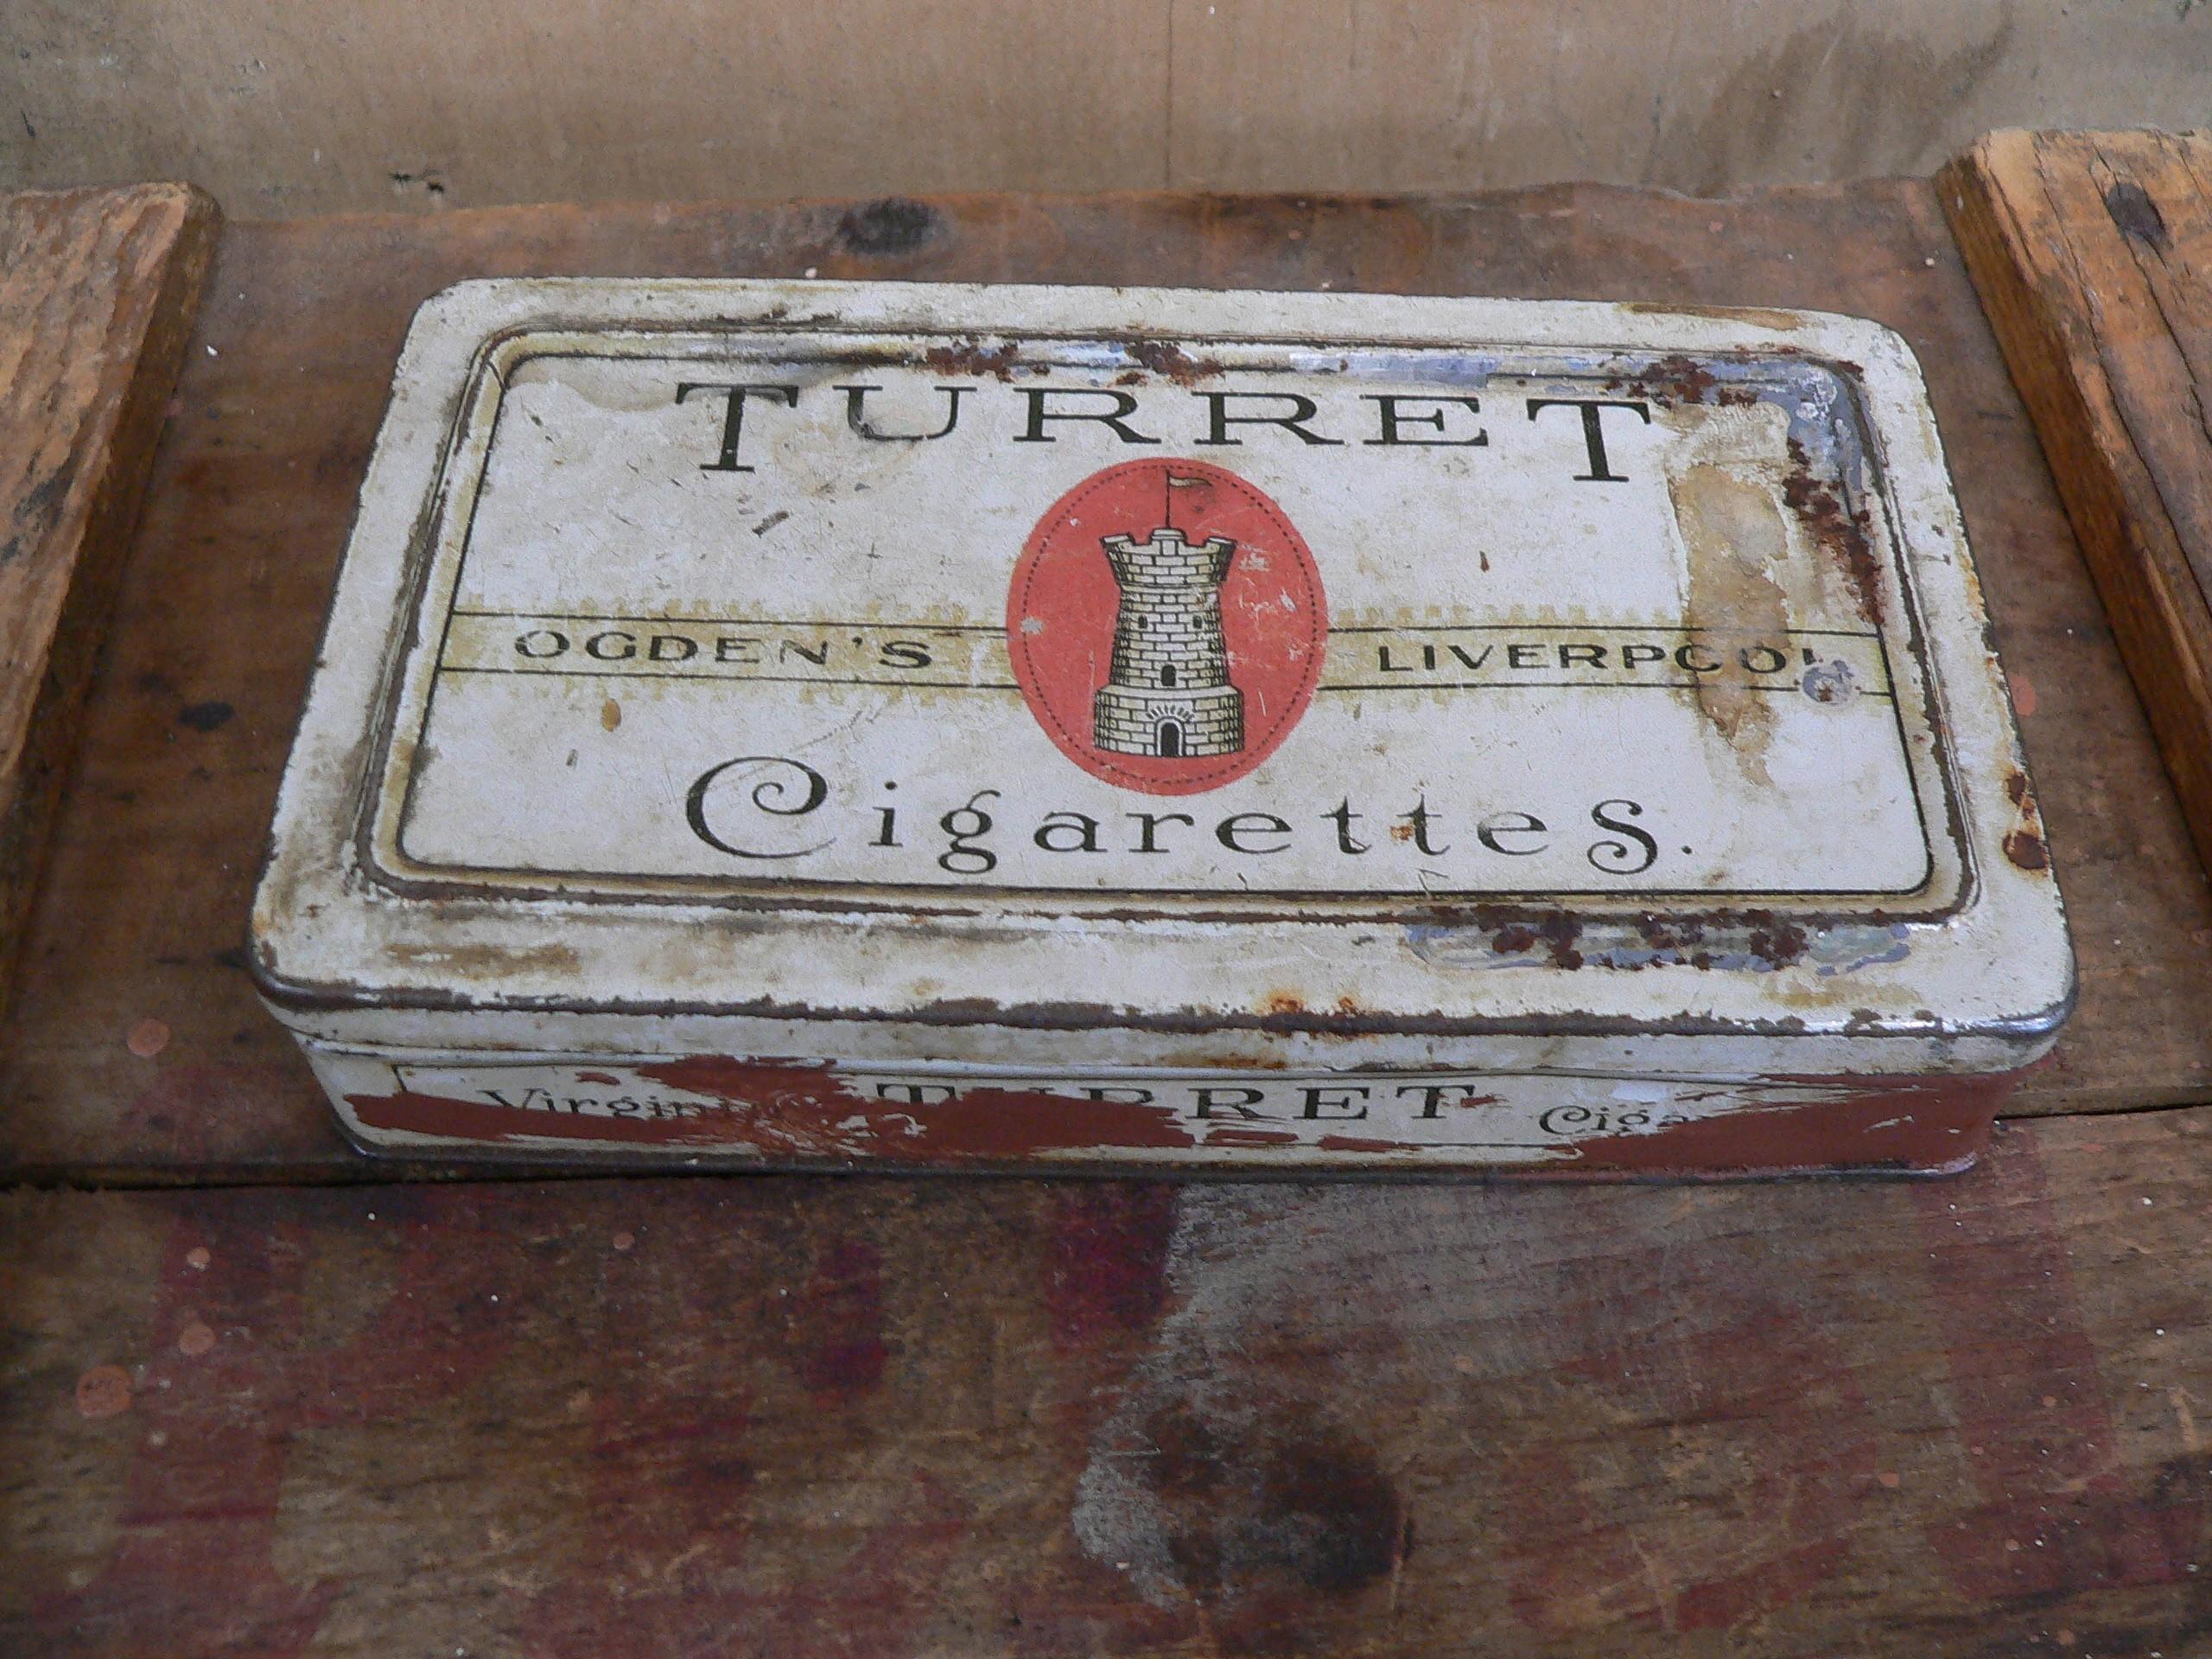 Boite de cigarette turret # 5680.1